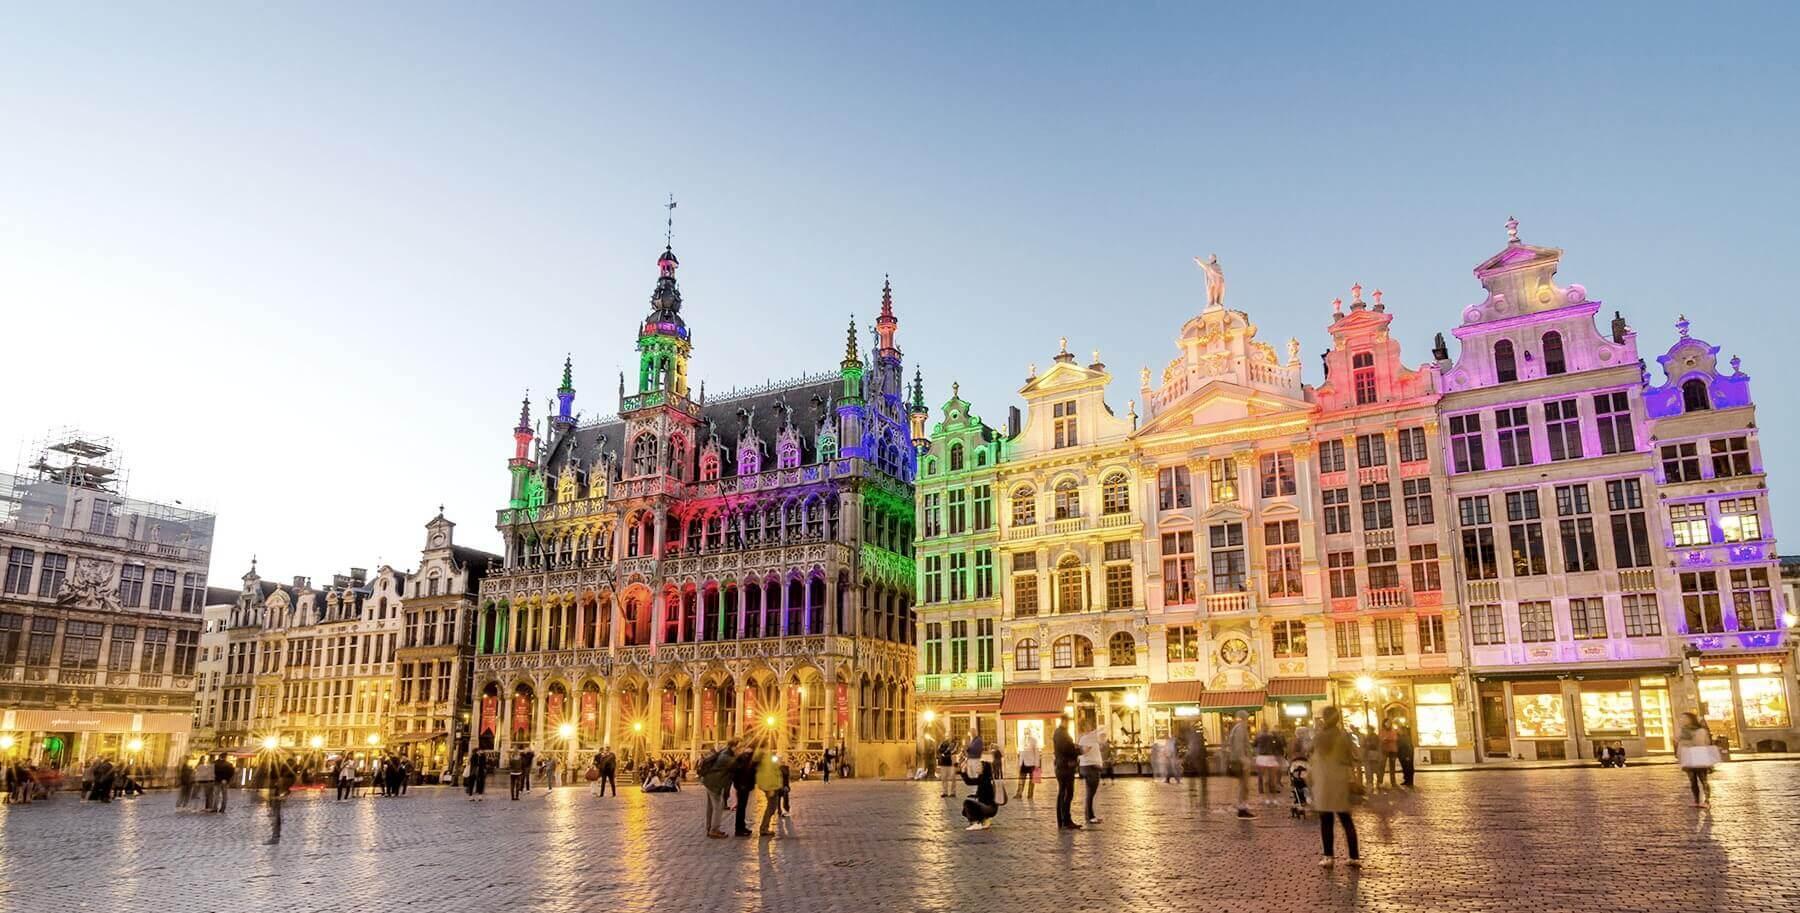 Visiter Bruxelles : Grand-Place à Bruxelles